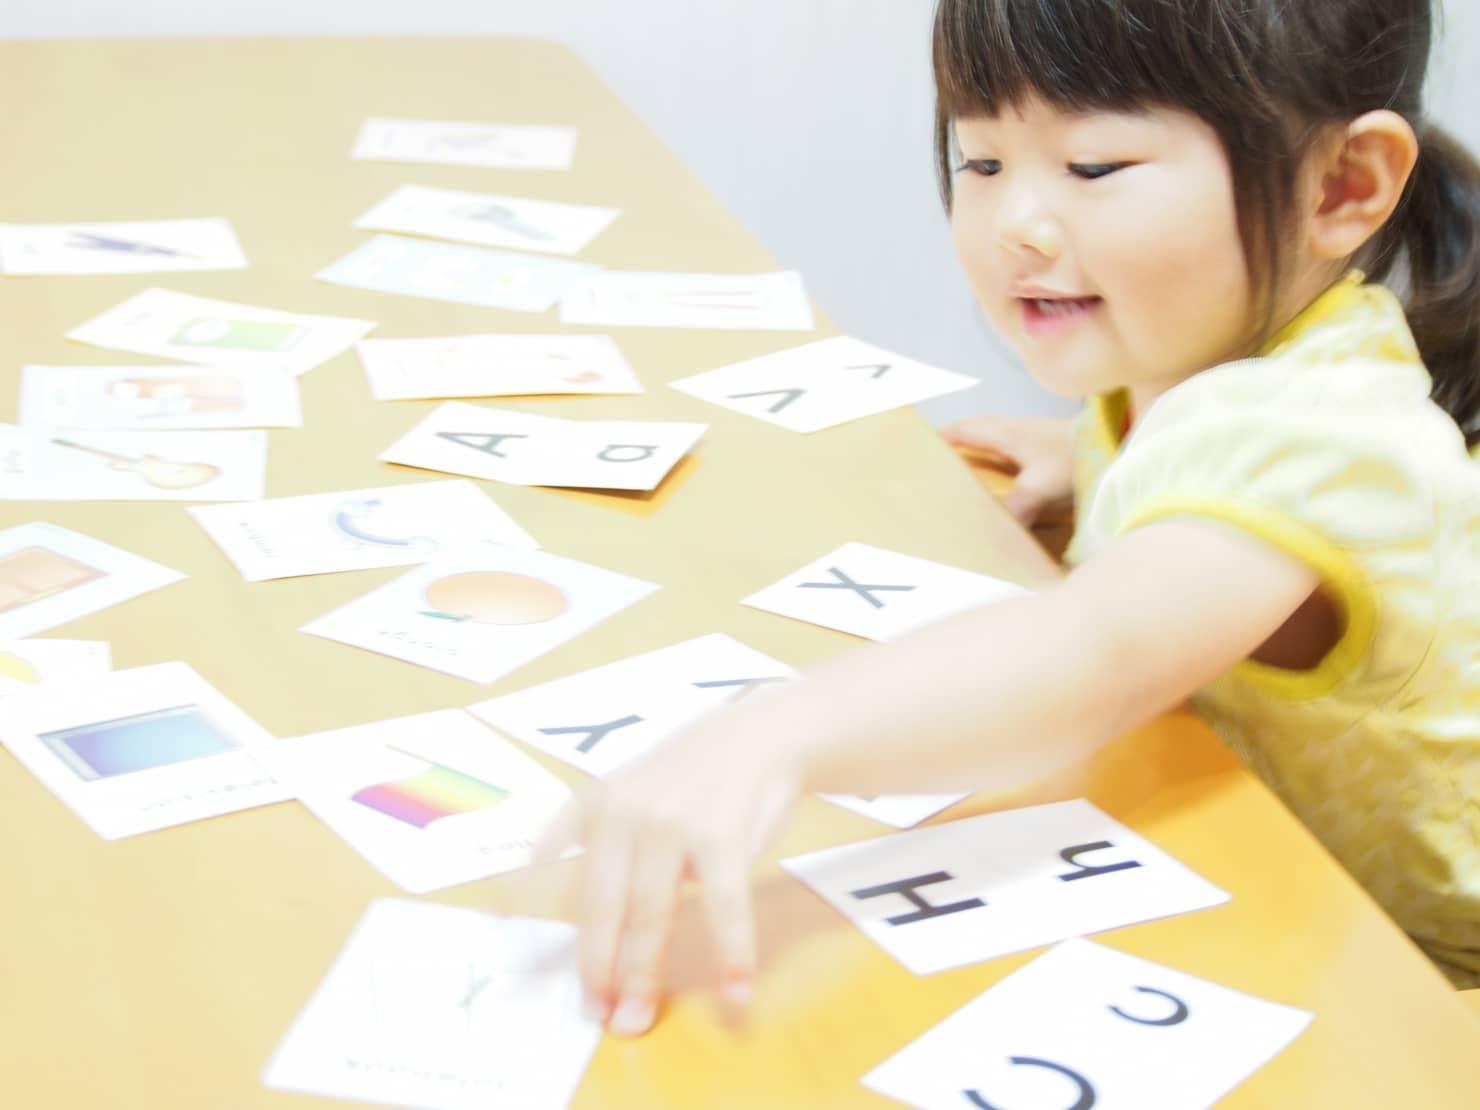 幼児英語教育は何歳からどこで教えてもらえるの? メリット・デメリットも紹介!